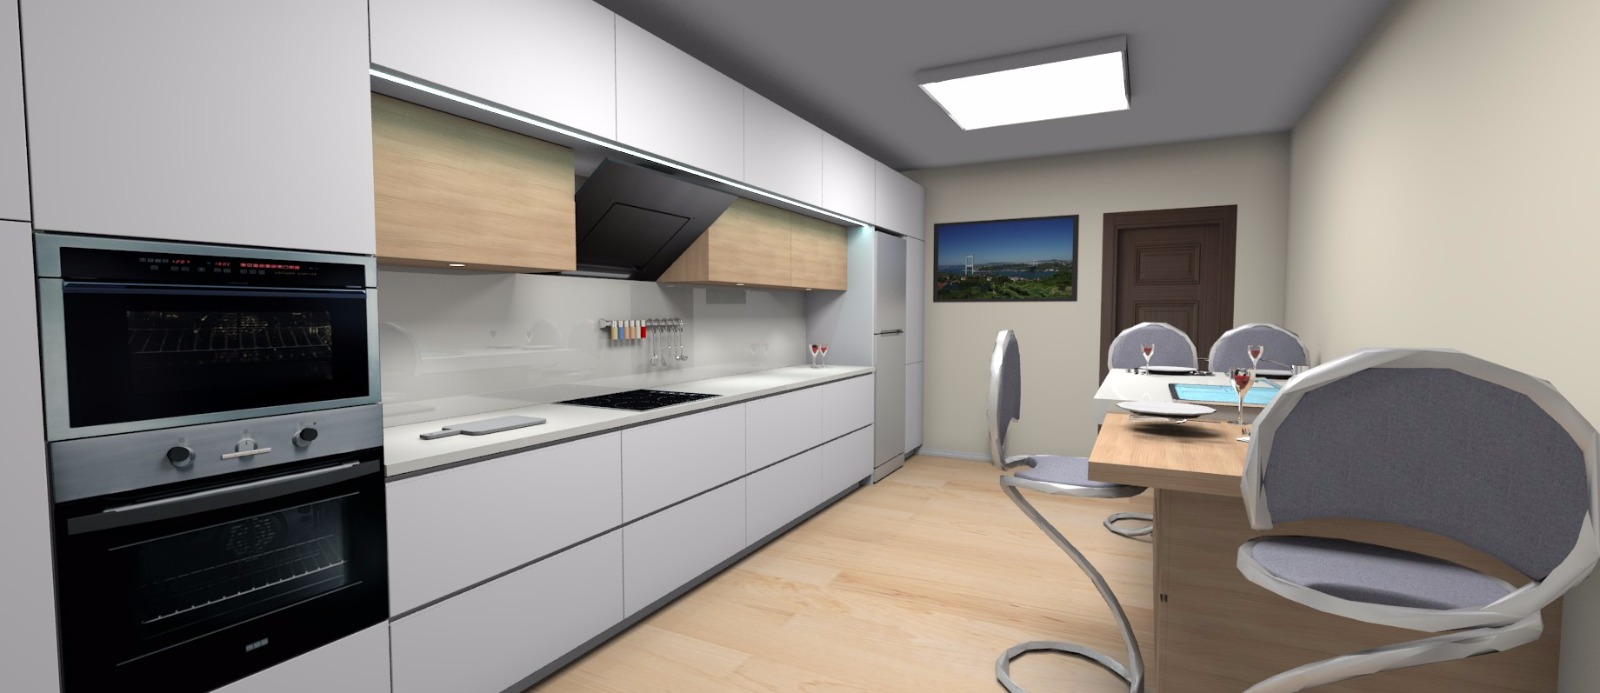 Kitchen Cabinets _3_